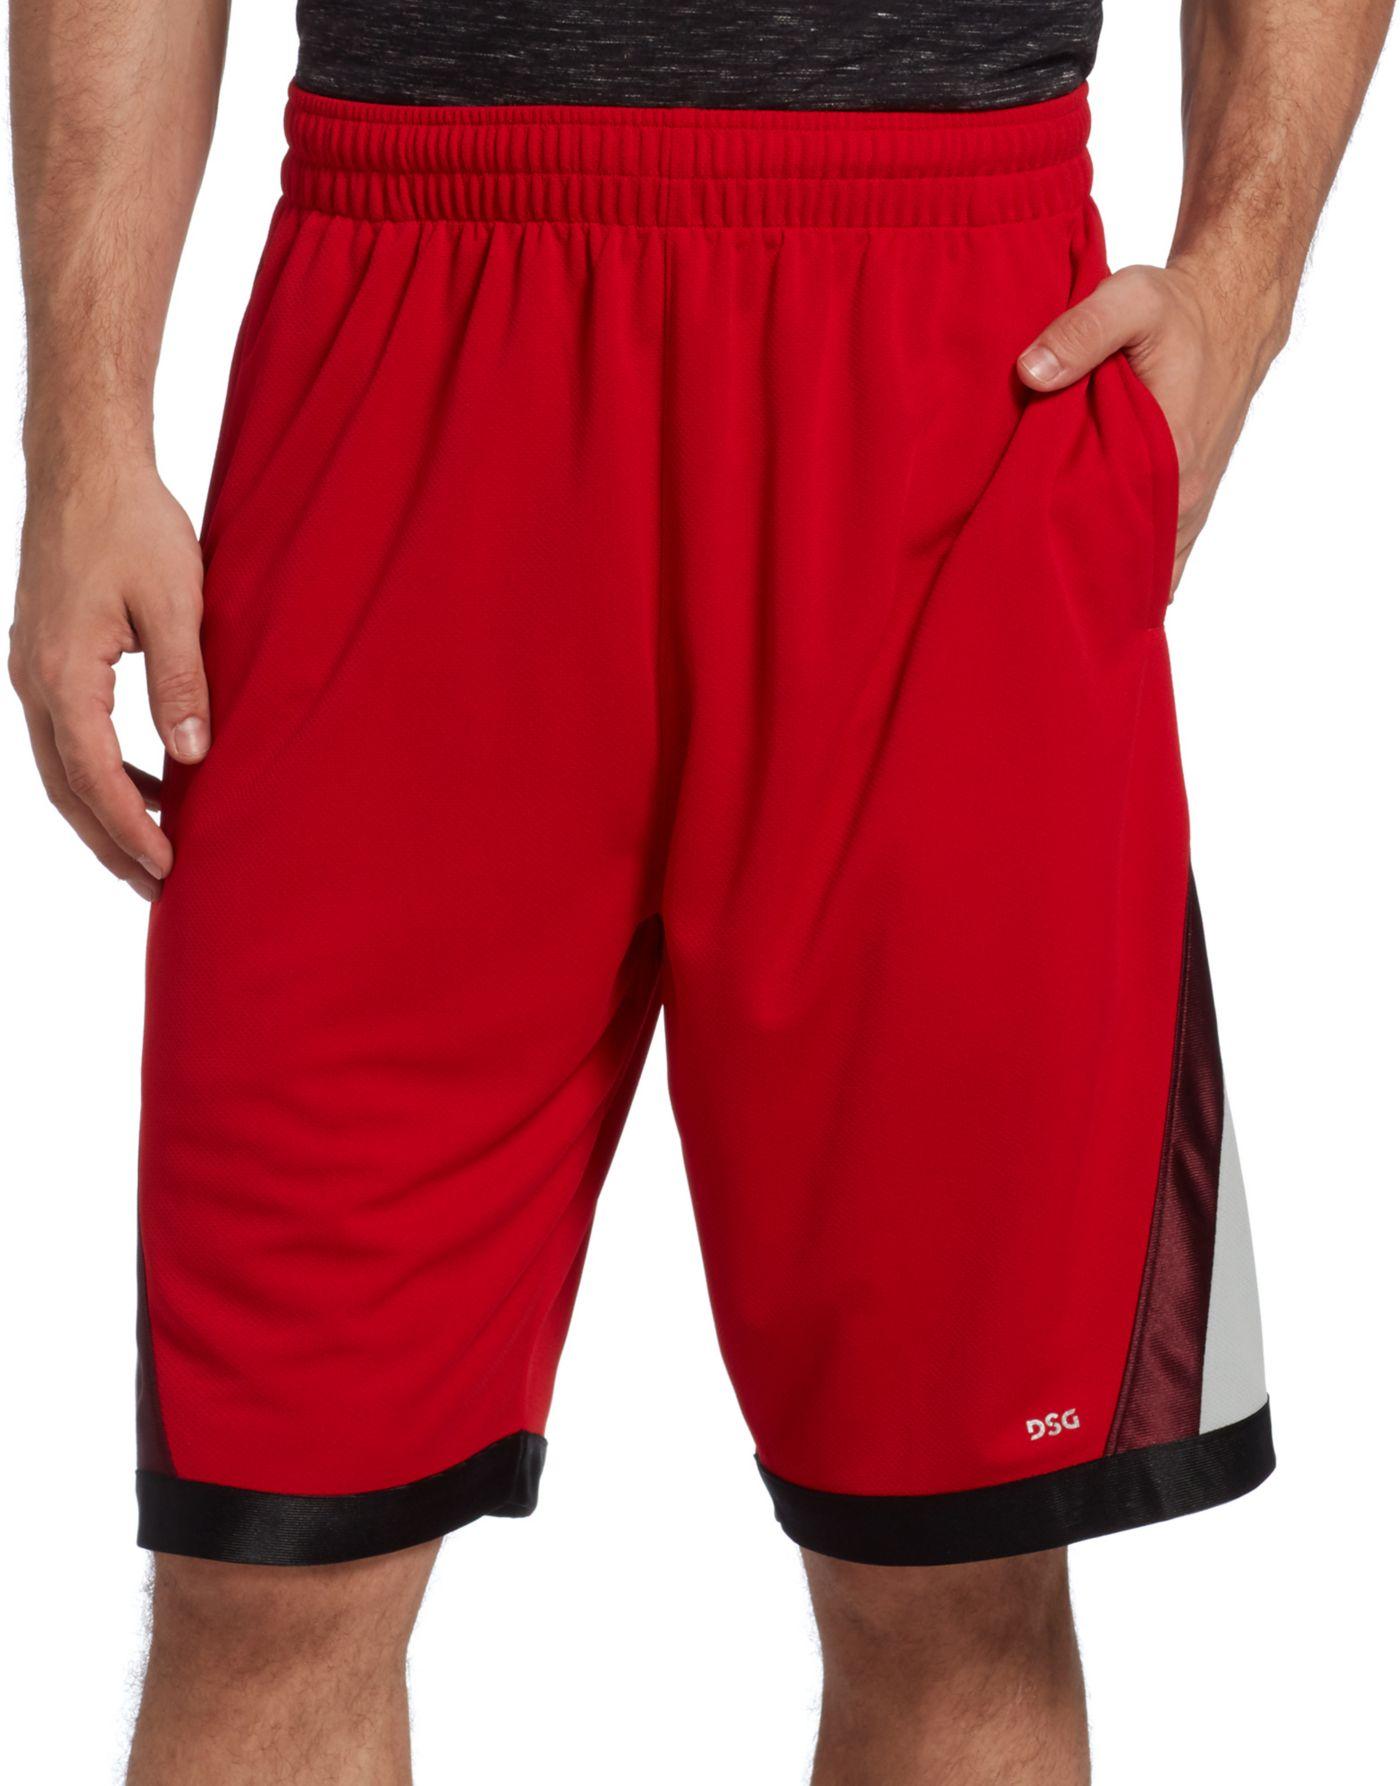 DSG Men's Basketball Shorts